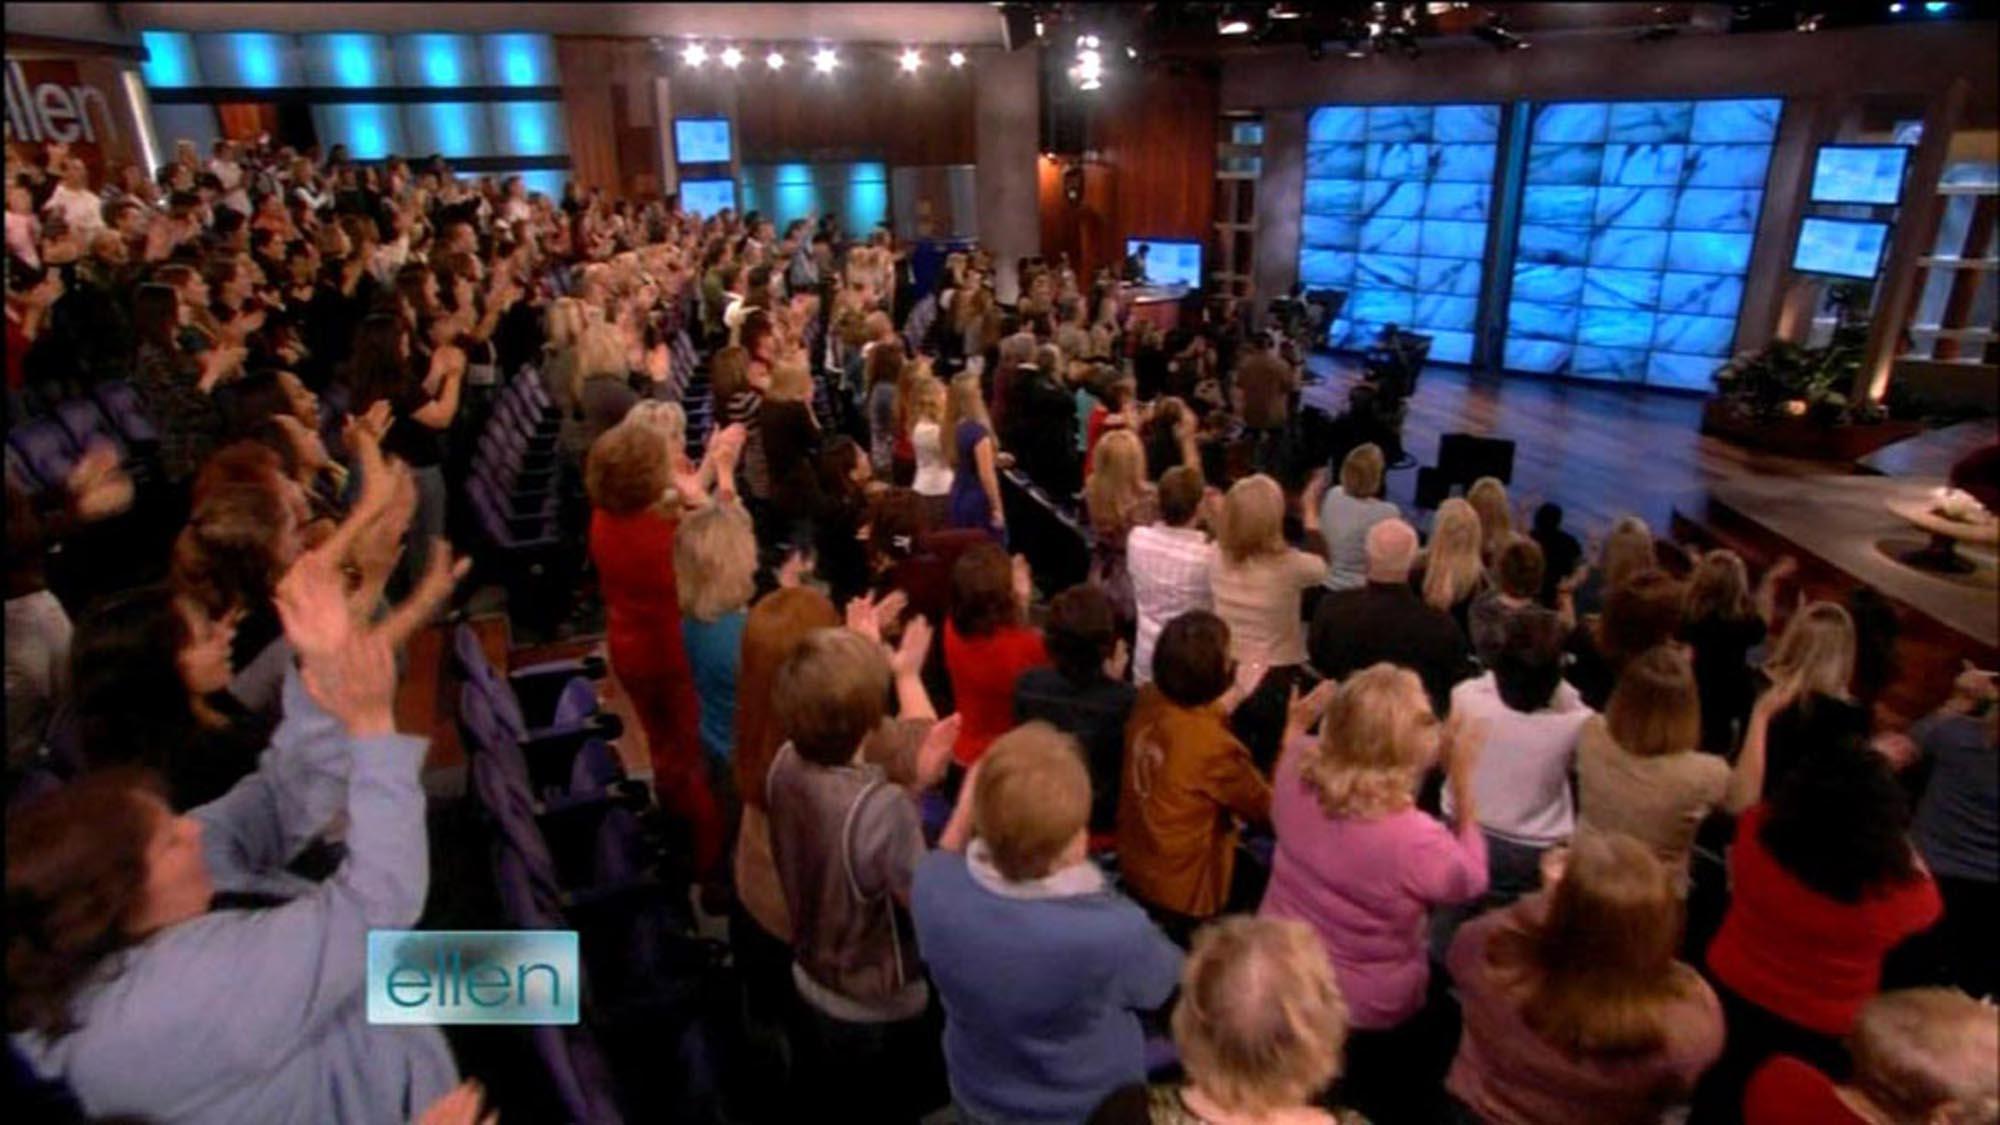 Ellen-2-Audience